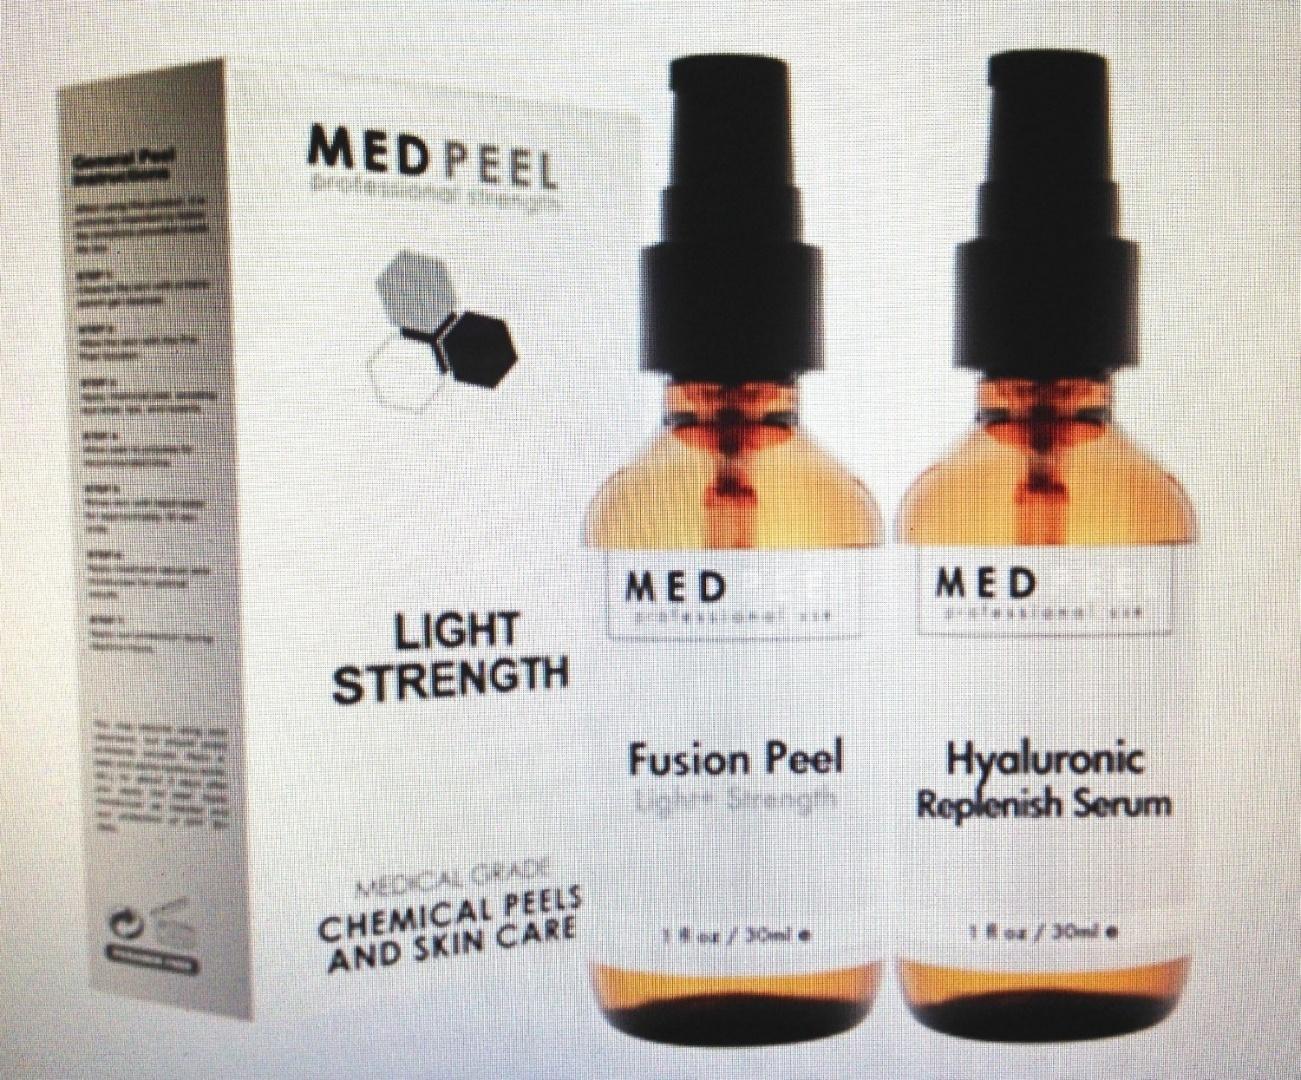 Med peel hyaluronic replenish serum